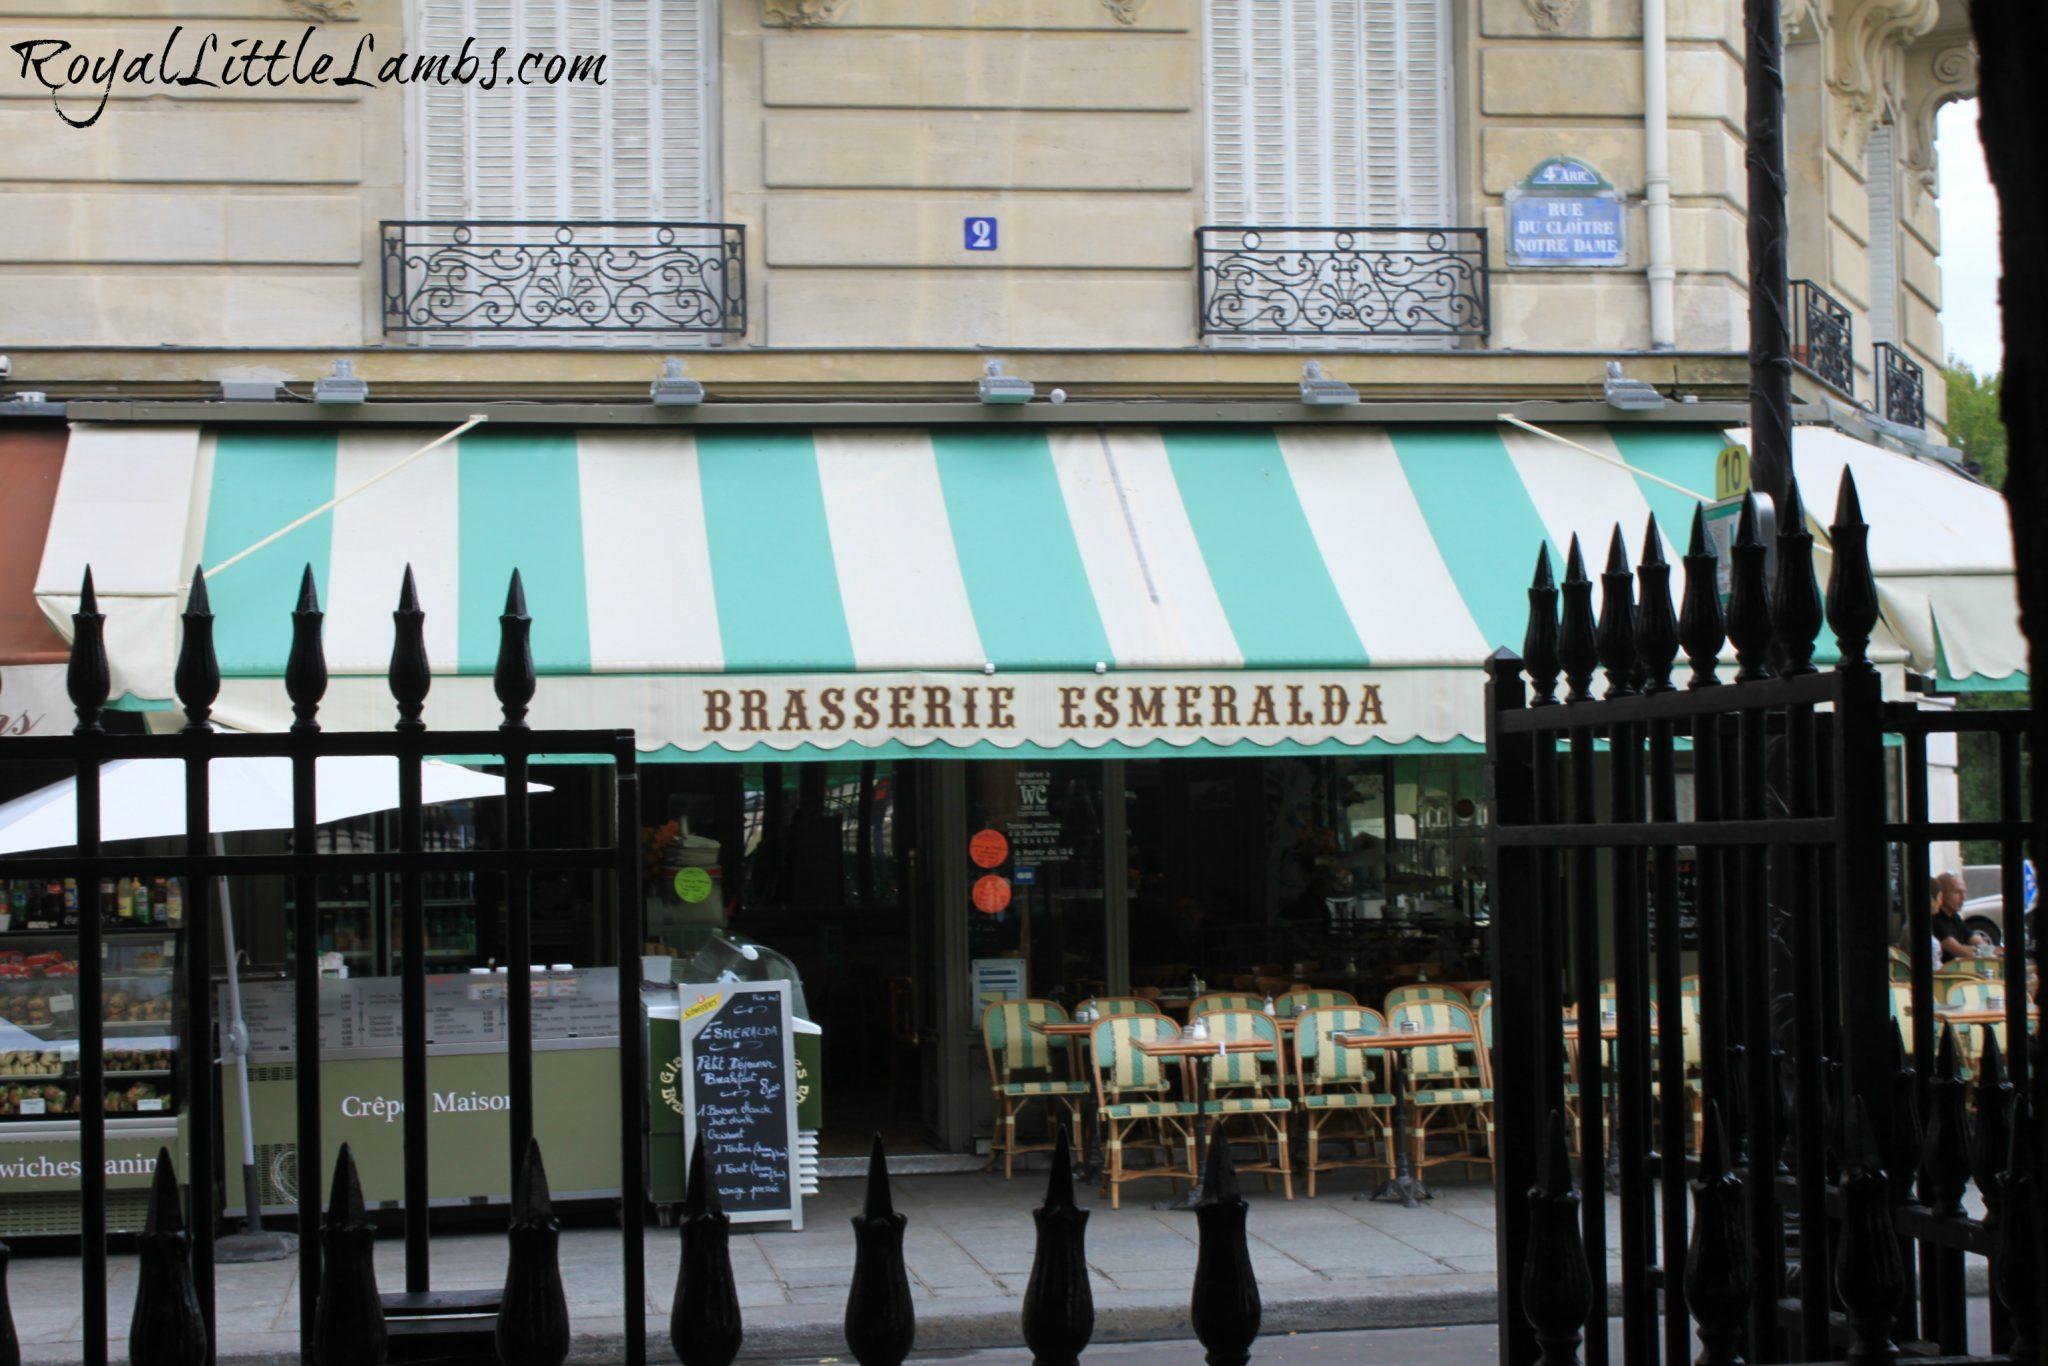 Brasserie Esmeralda